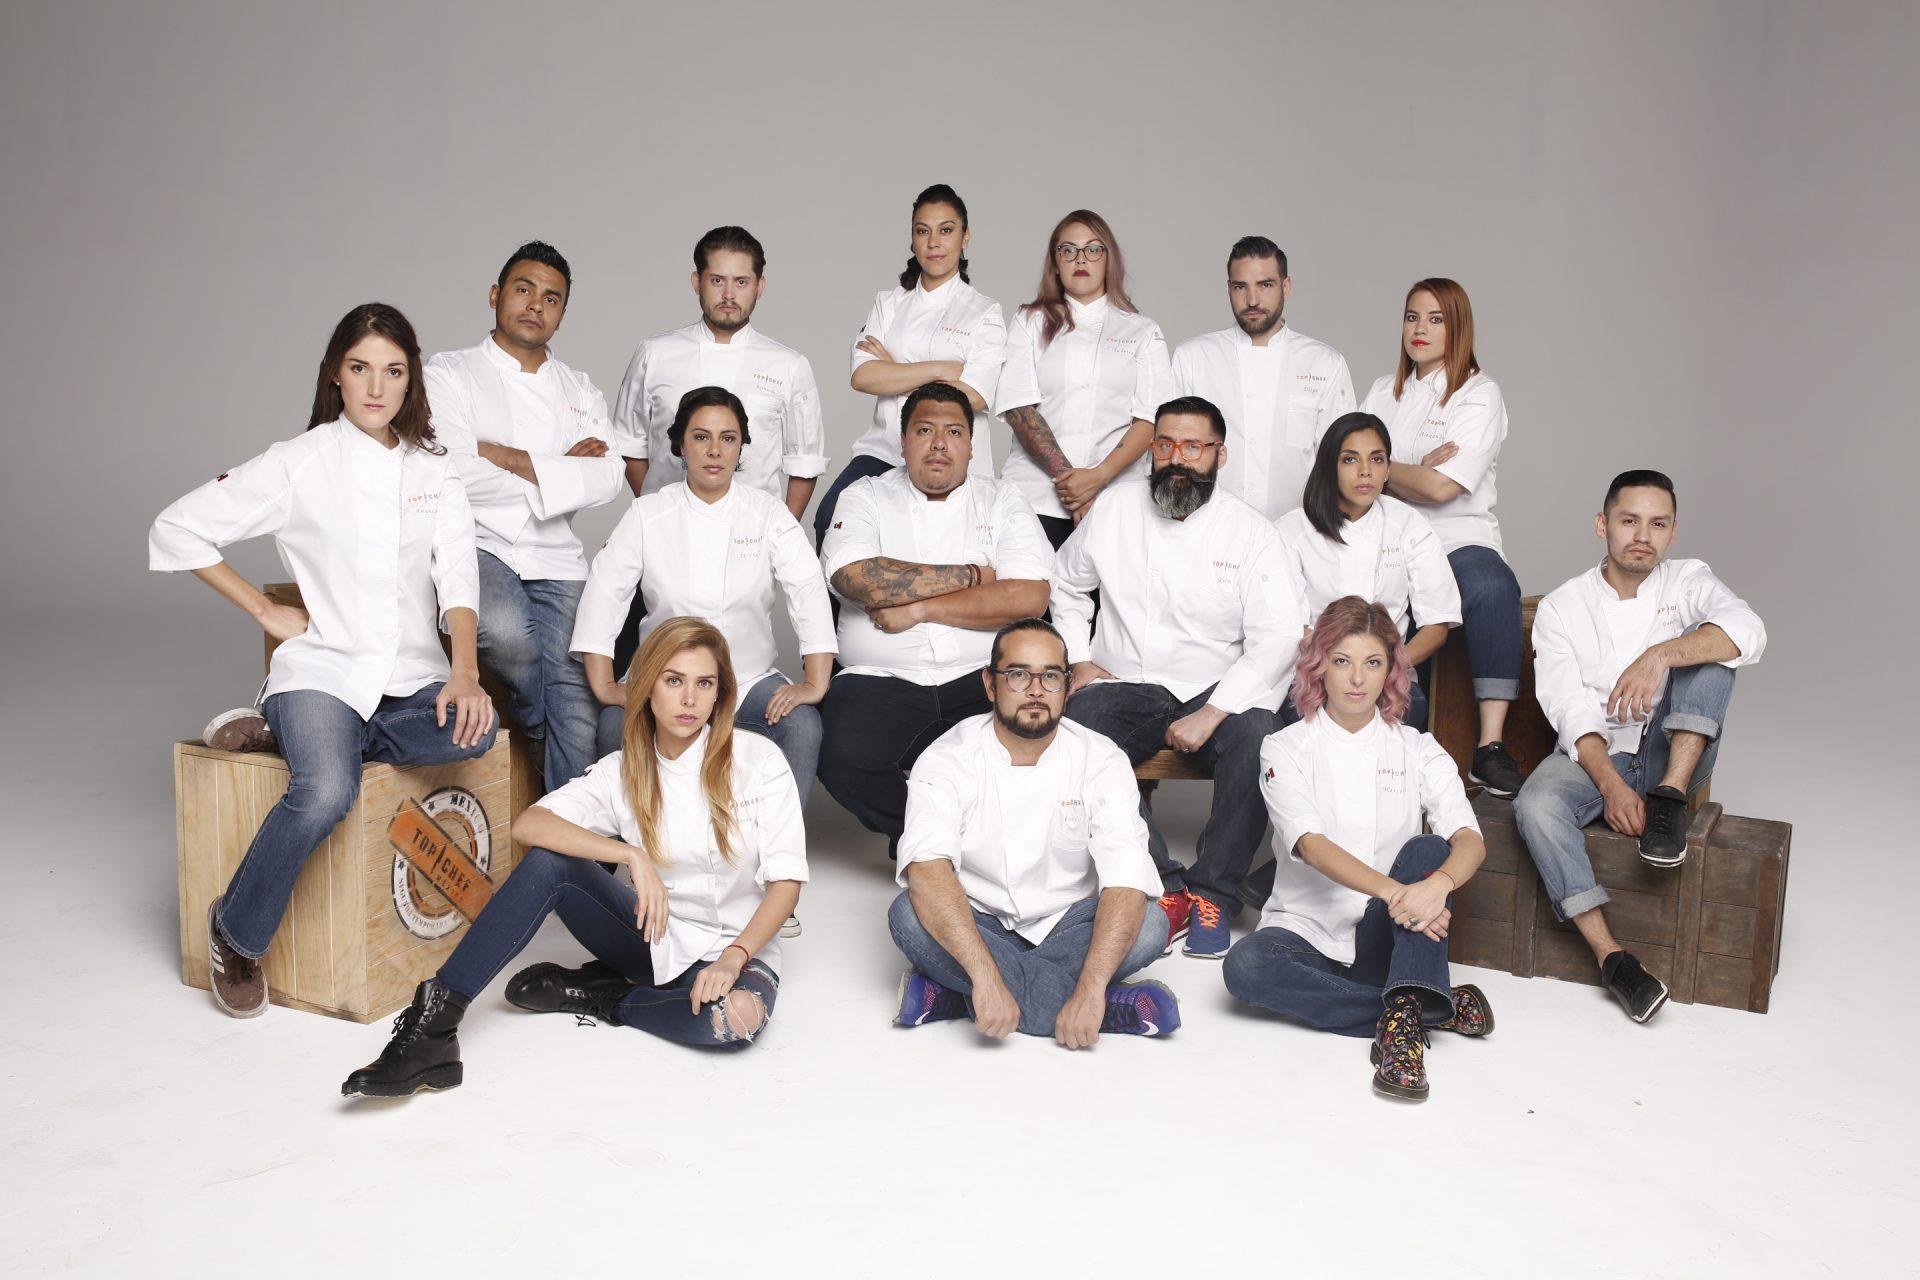 Aquí los 15 participantes de TOP CHEF MÉXICO 2017